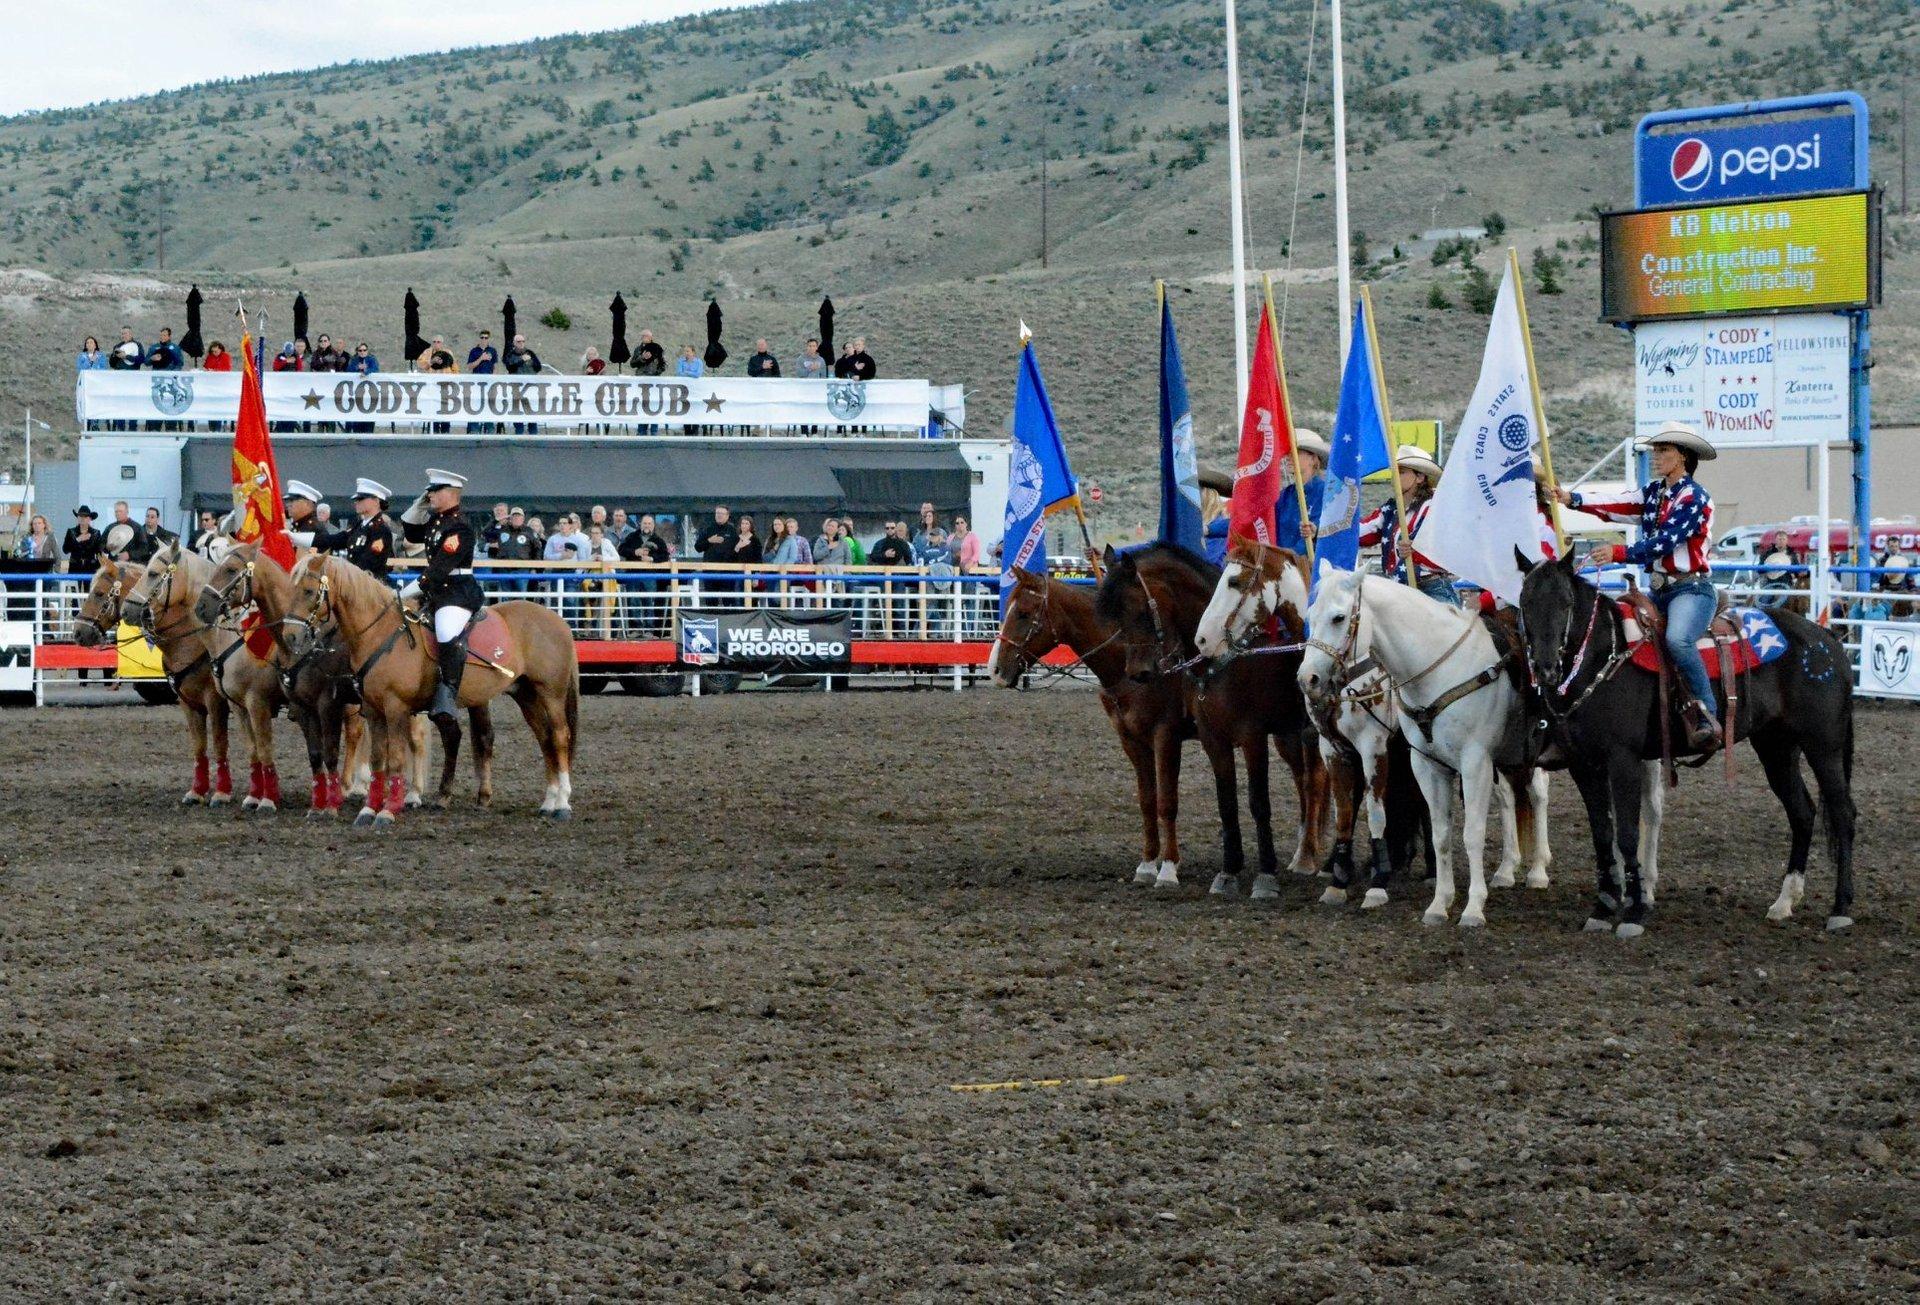 Cody Stampede Rodeo in Wyoming - Best Season 2020